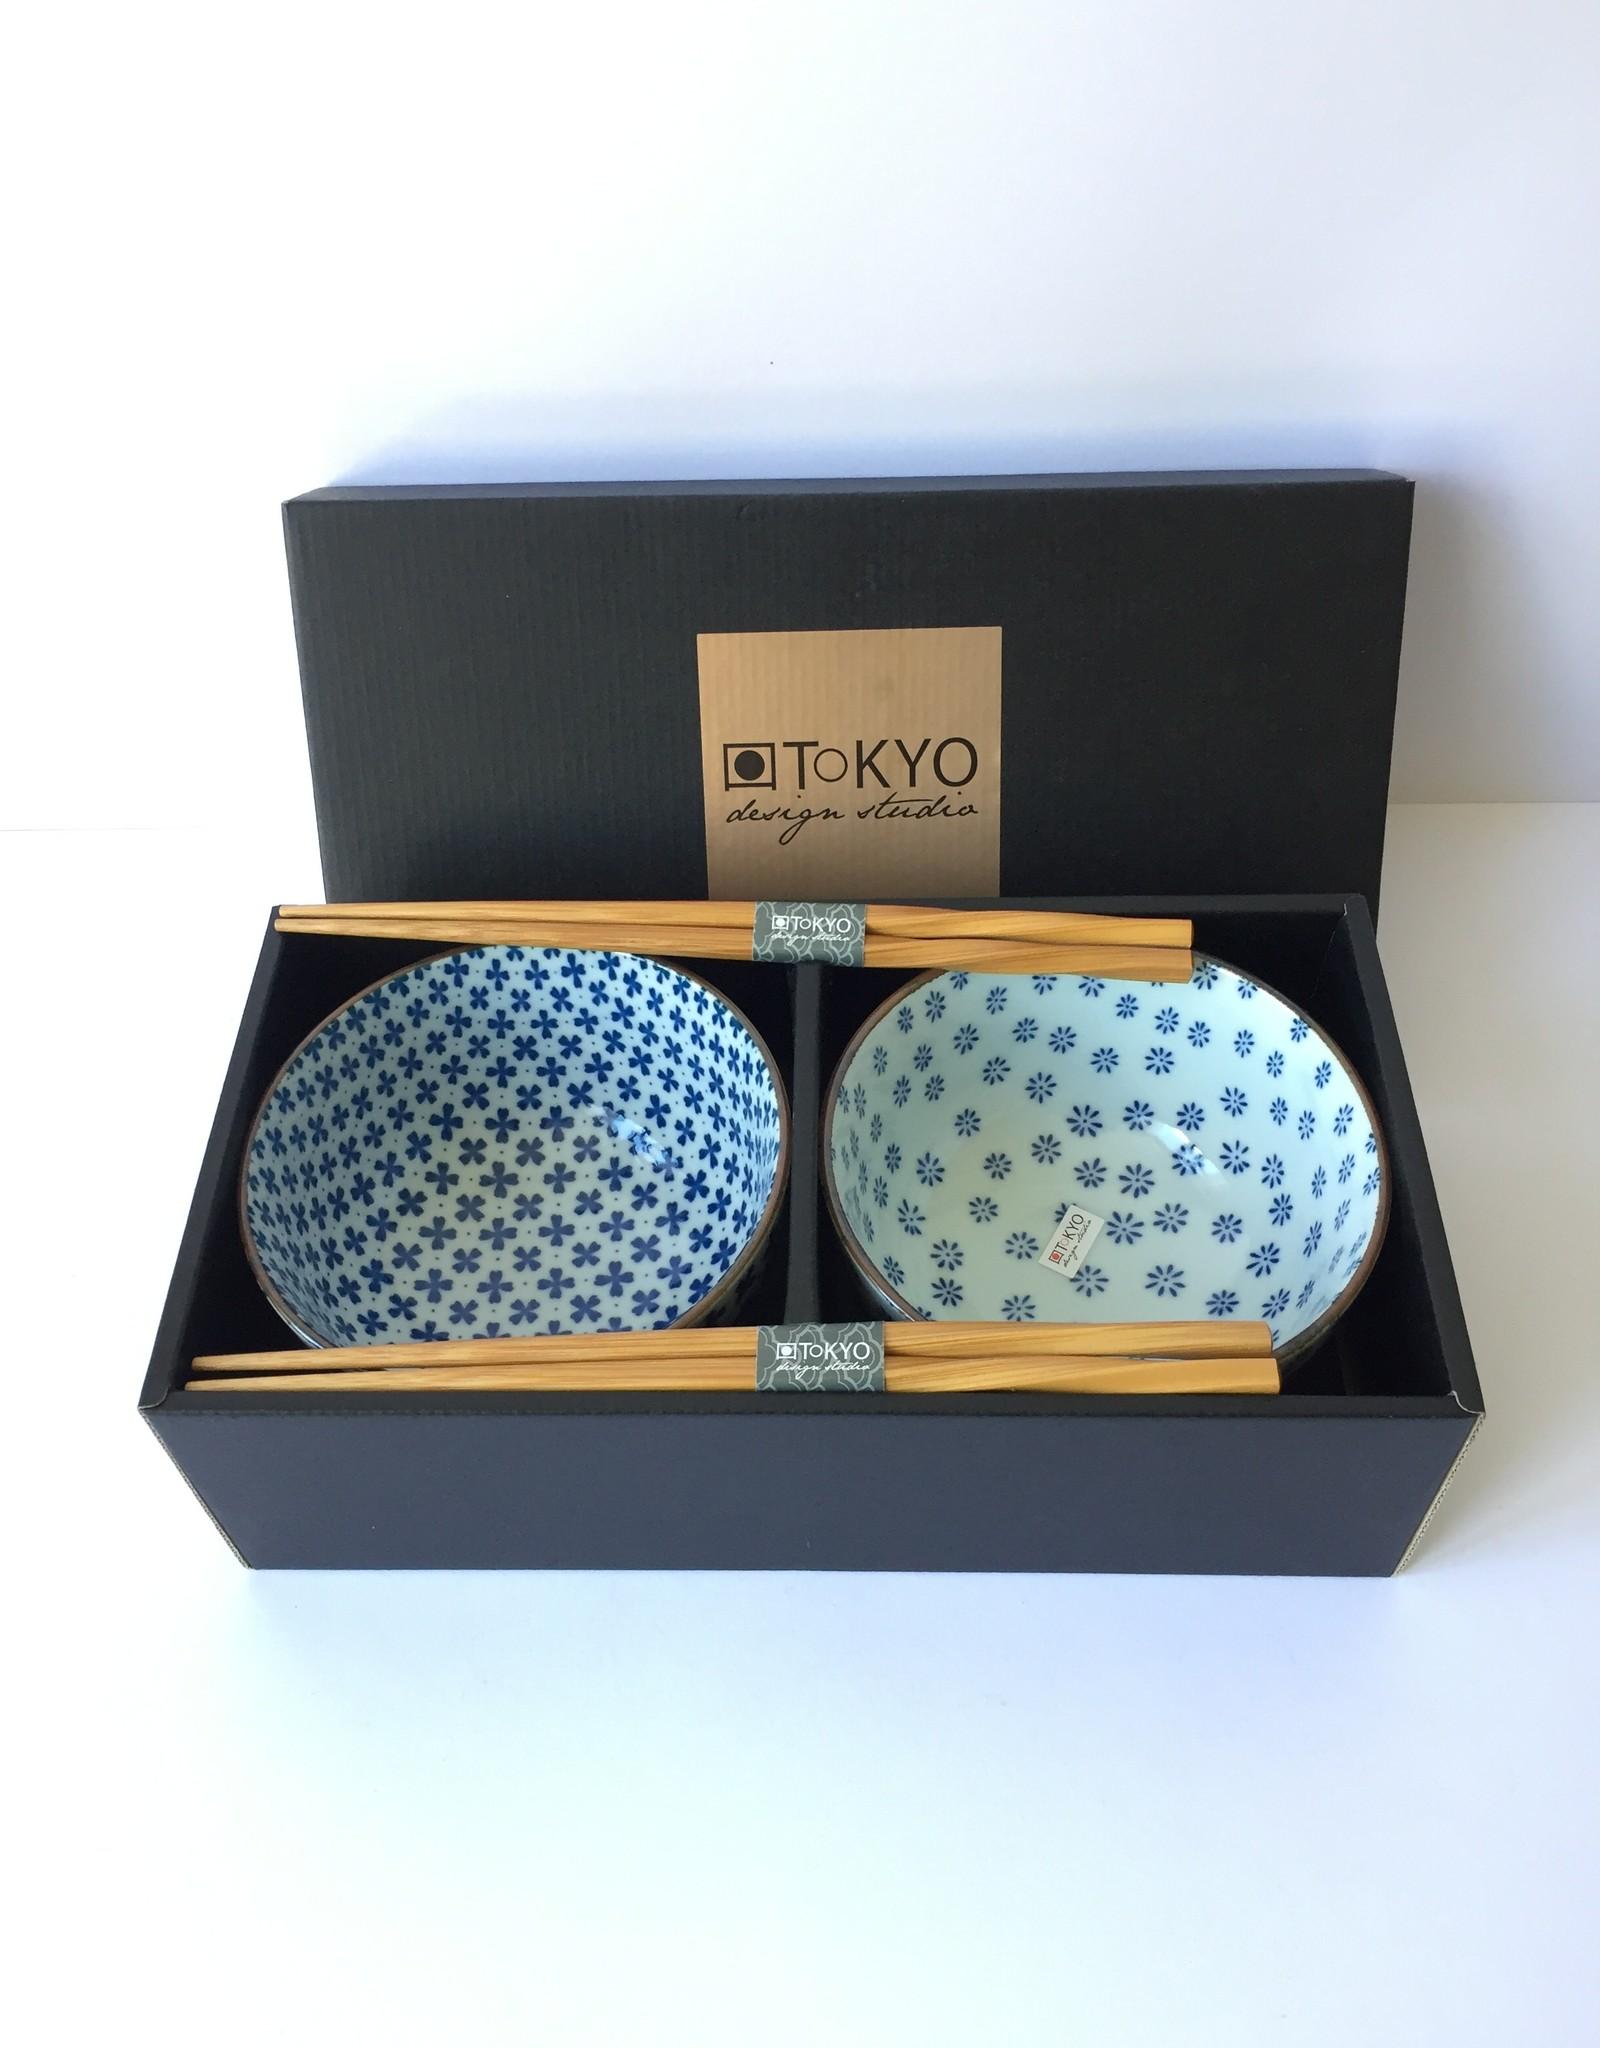 Tokyo Design Studio tayobowl kommen cadeauset